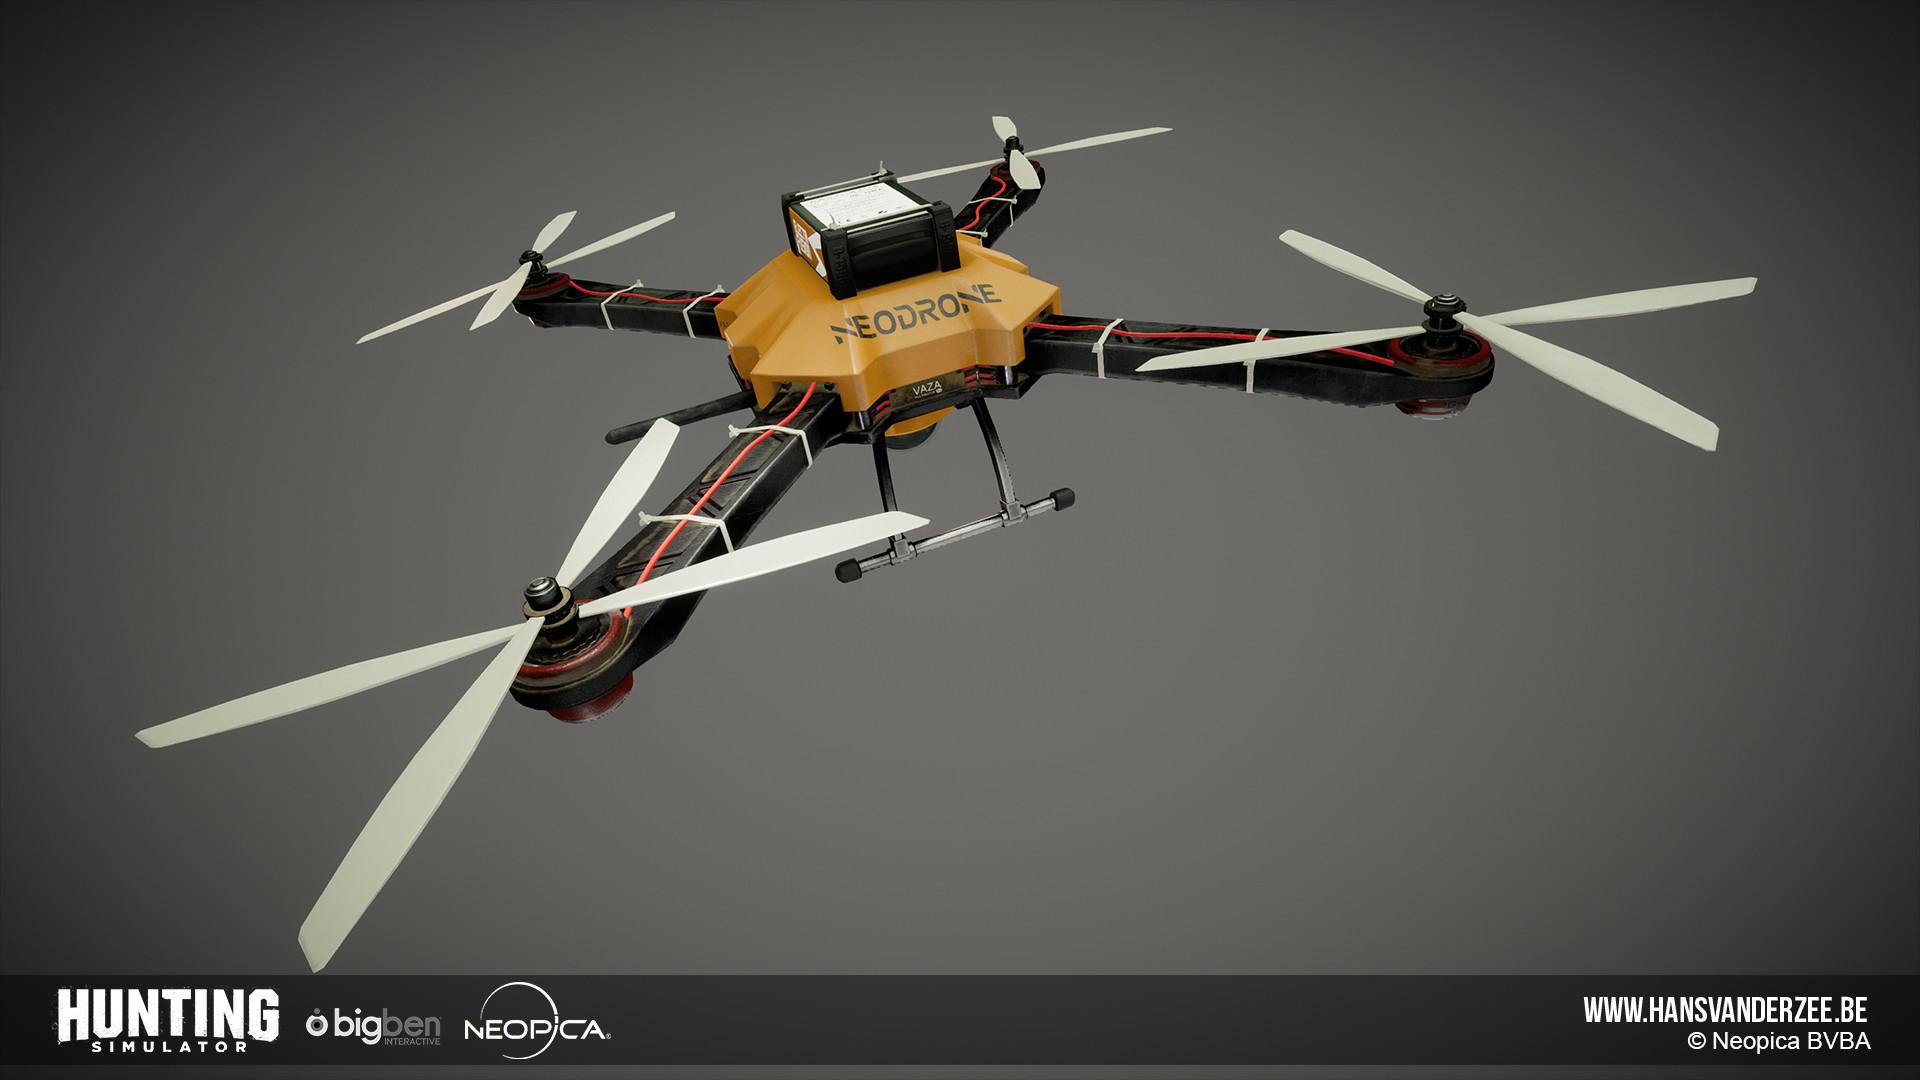 Hans van der zee drone1